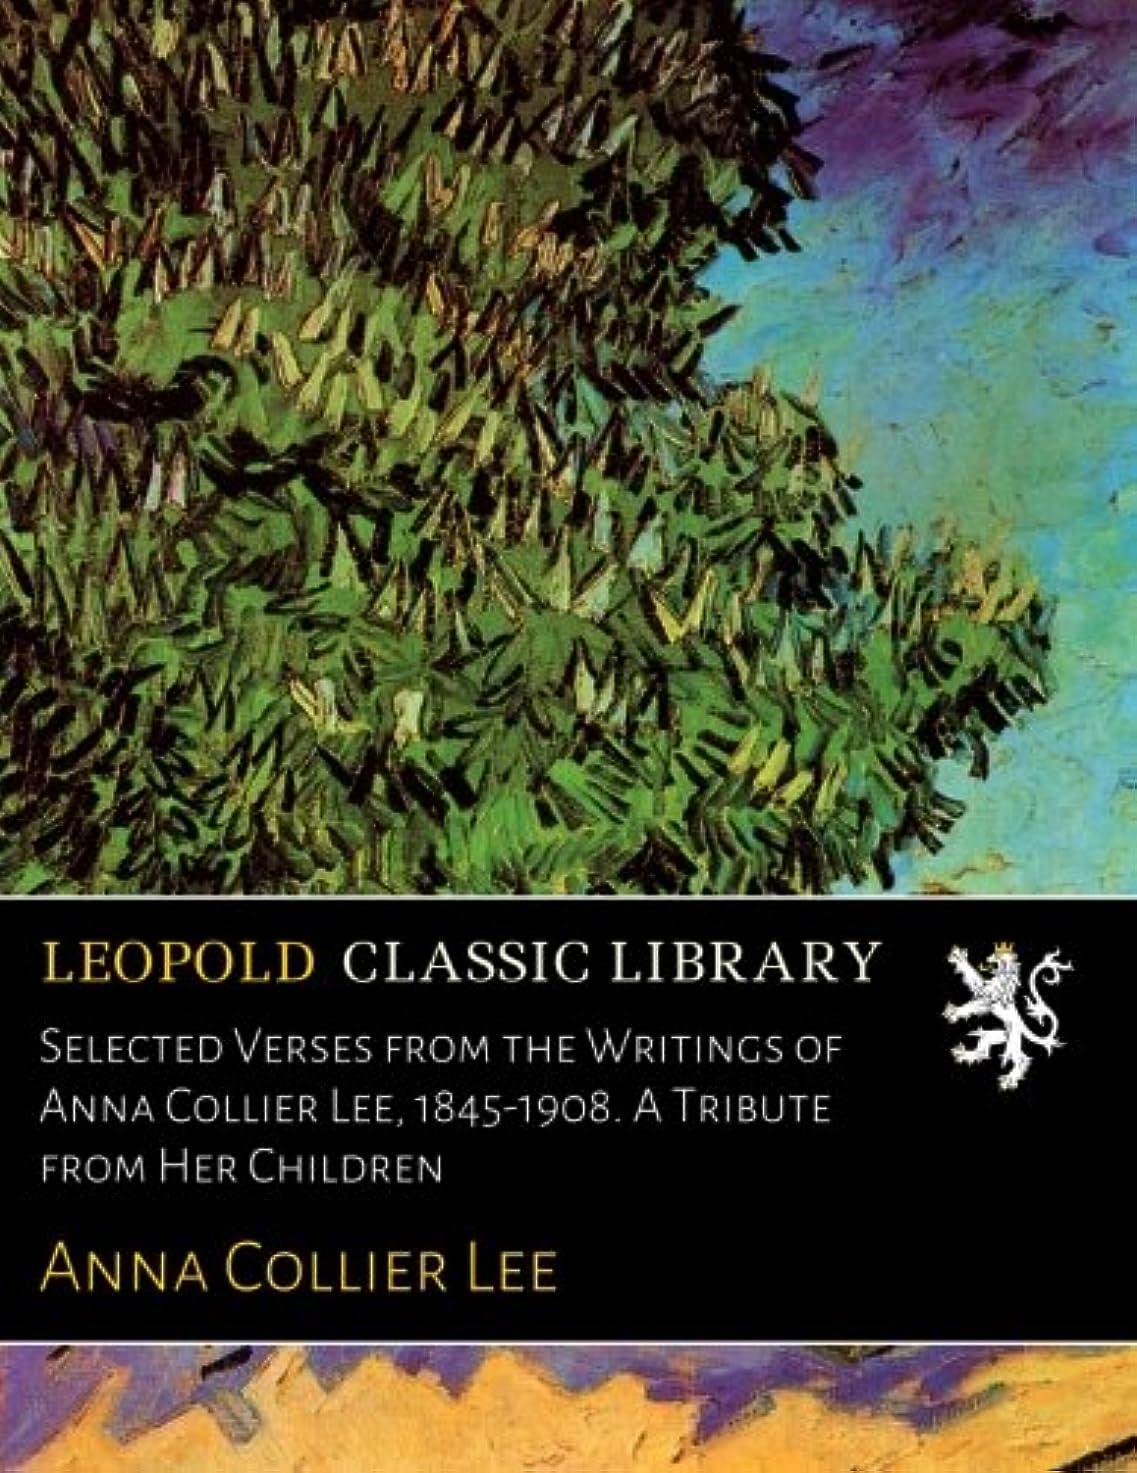 心からパン屋頭Selected Verses from the Writings of Anna Collier Lee, 1845-1908. A Tribute from Her Children